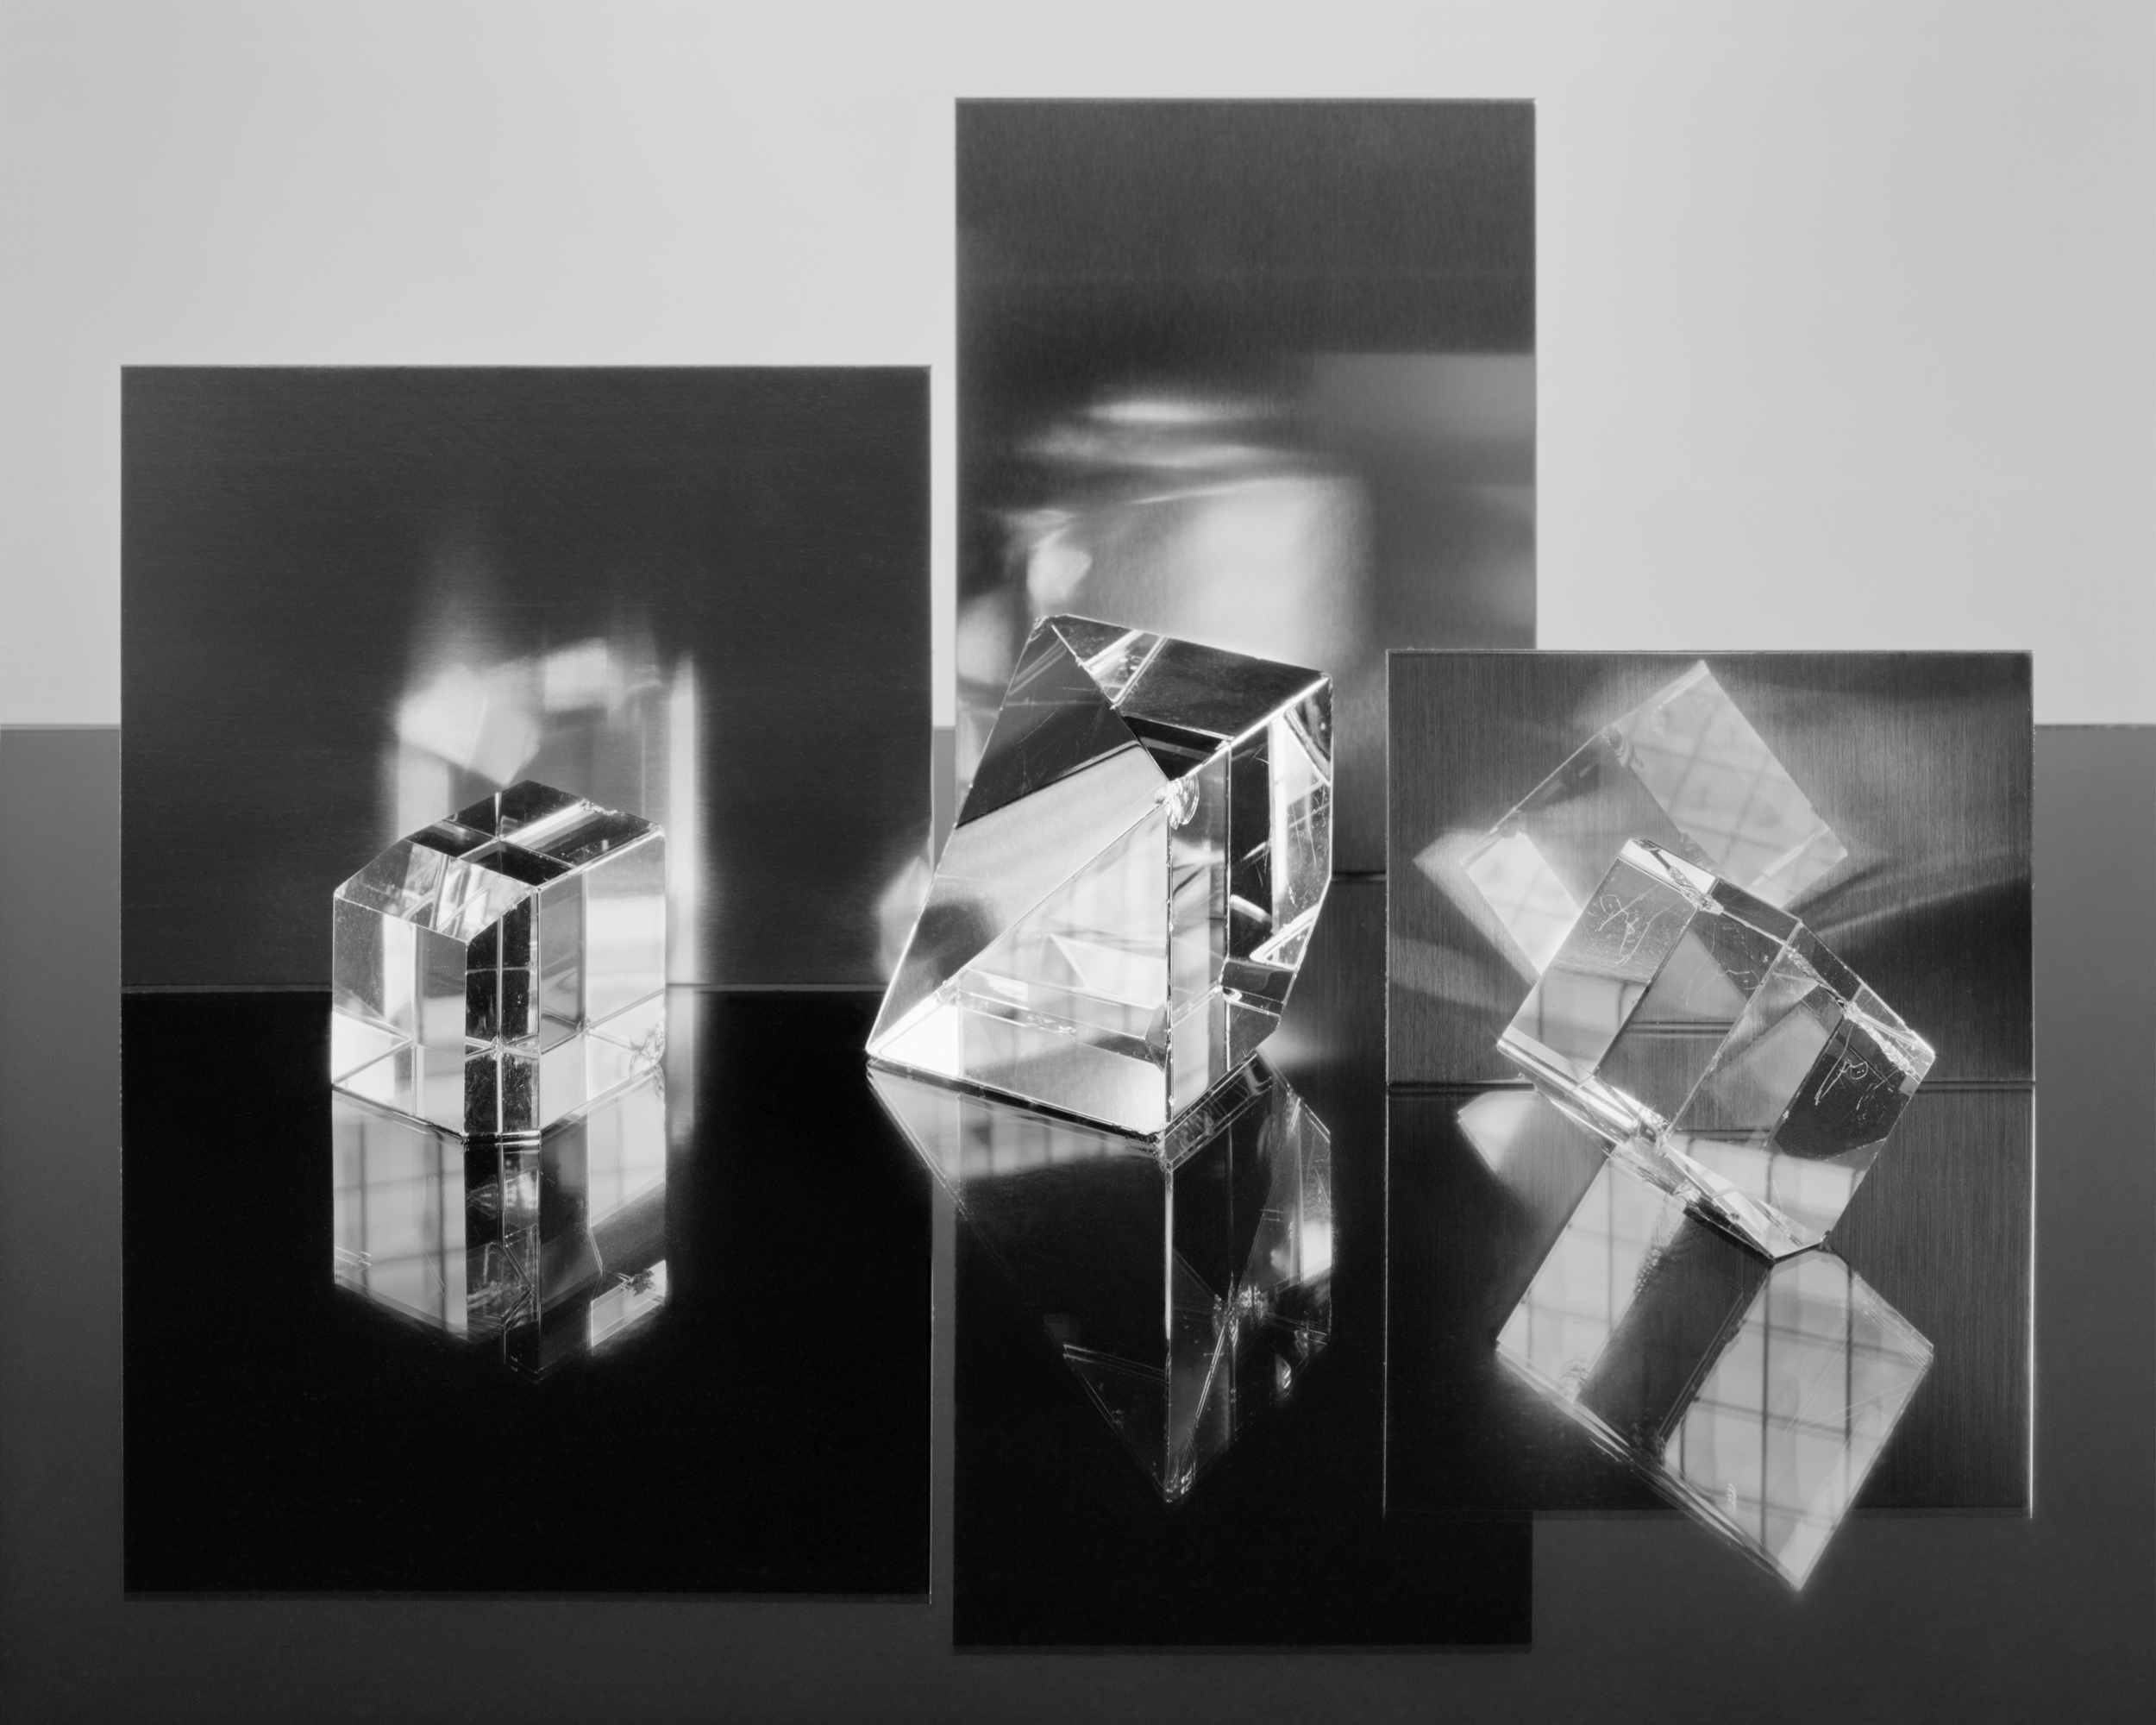 Espen Gleditsch - Nostalgia - 2013